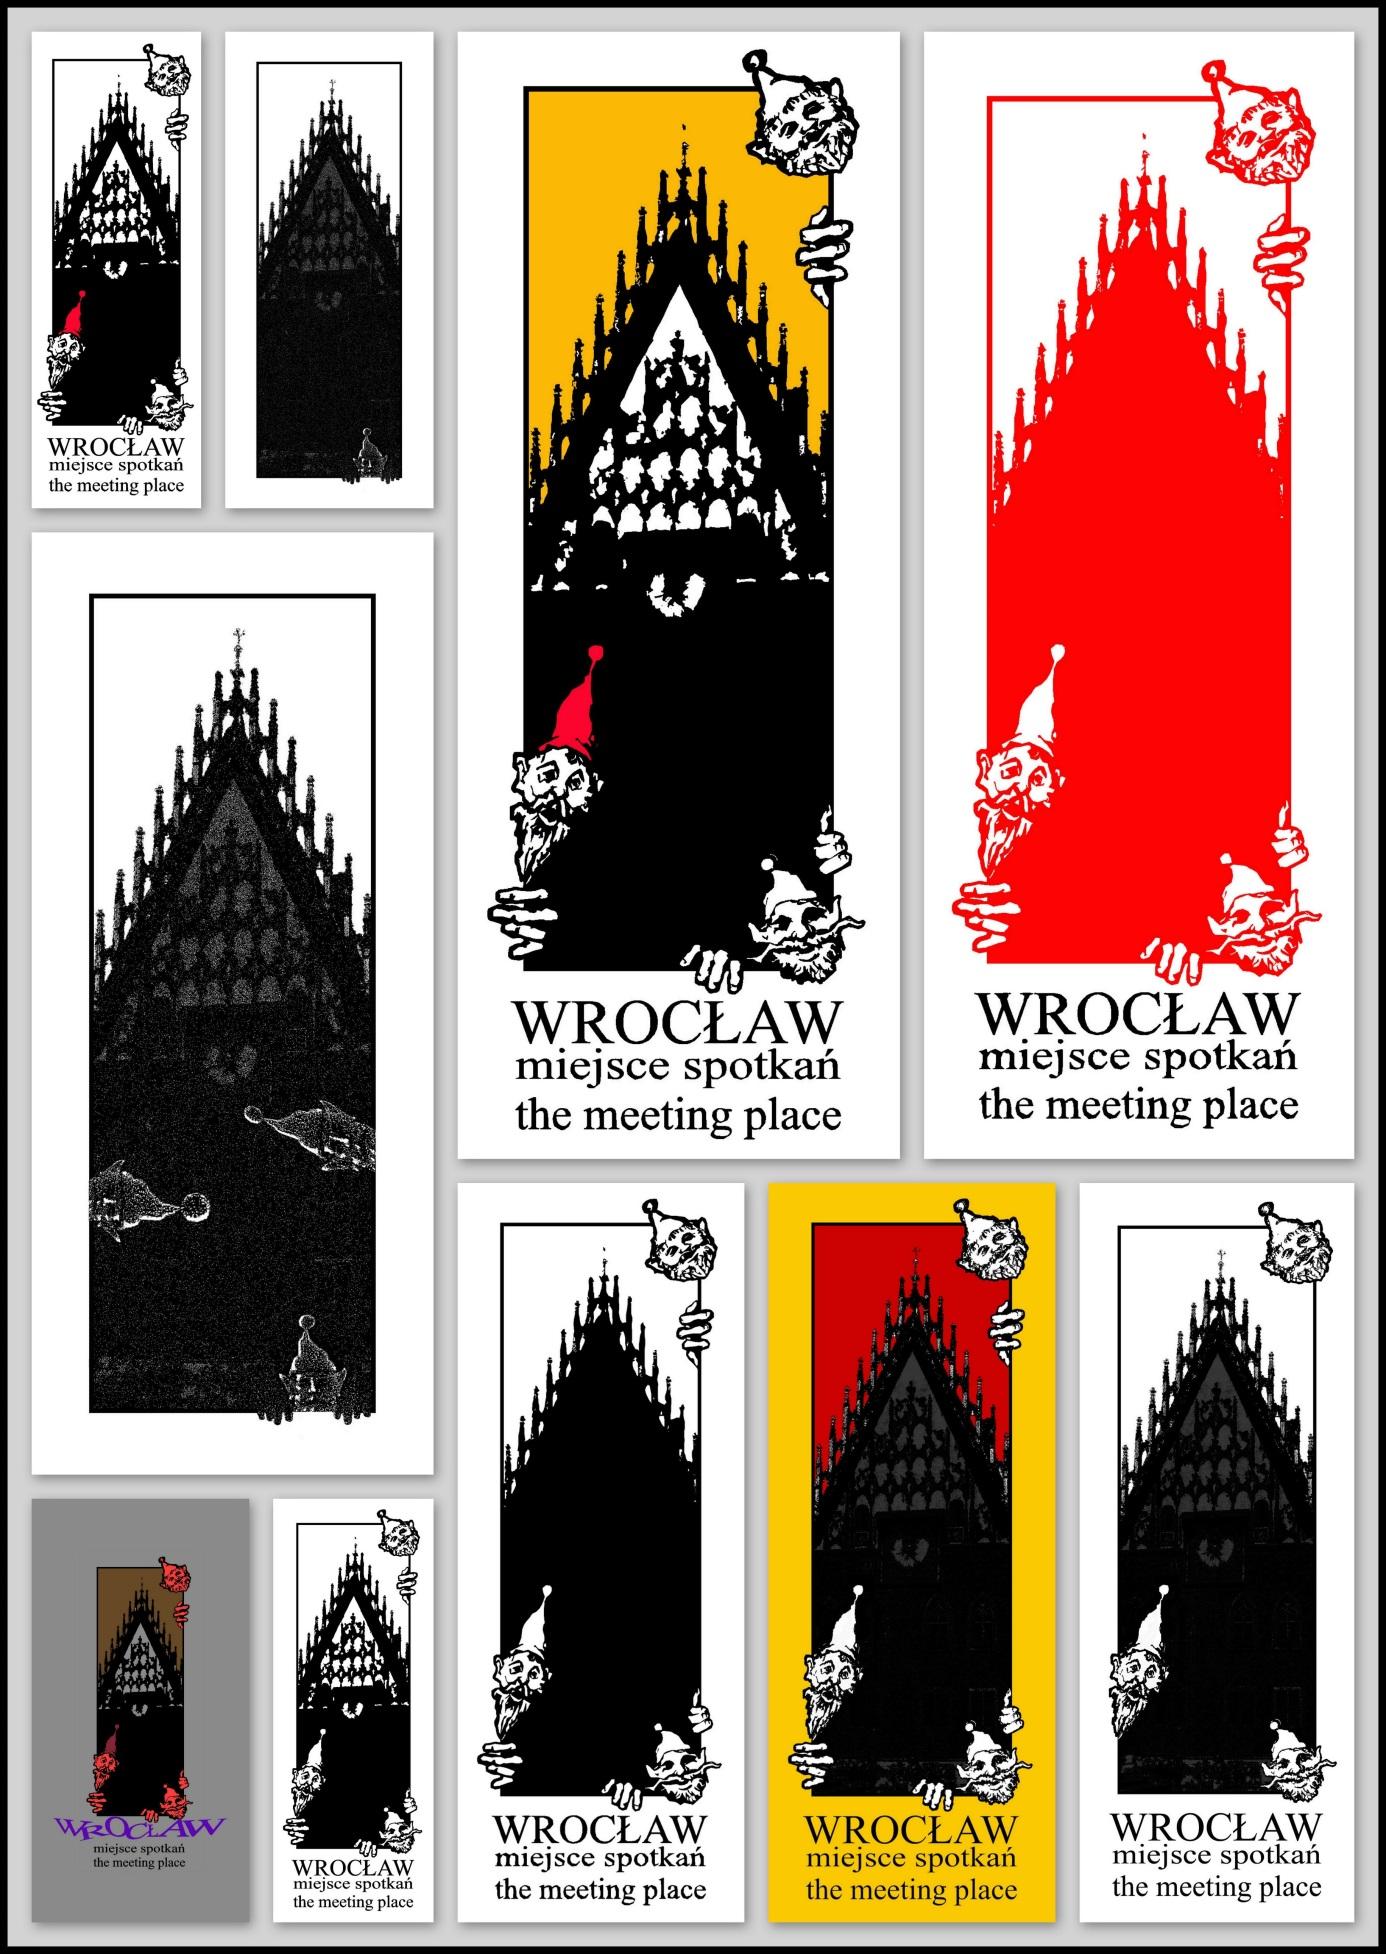 """Projekt znaku graficznego wraz z animacją """"Wrocław miejsce spotkań"""" dla PHU POLONIA, Wrocław, 2008"""